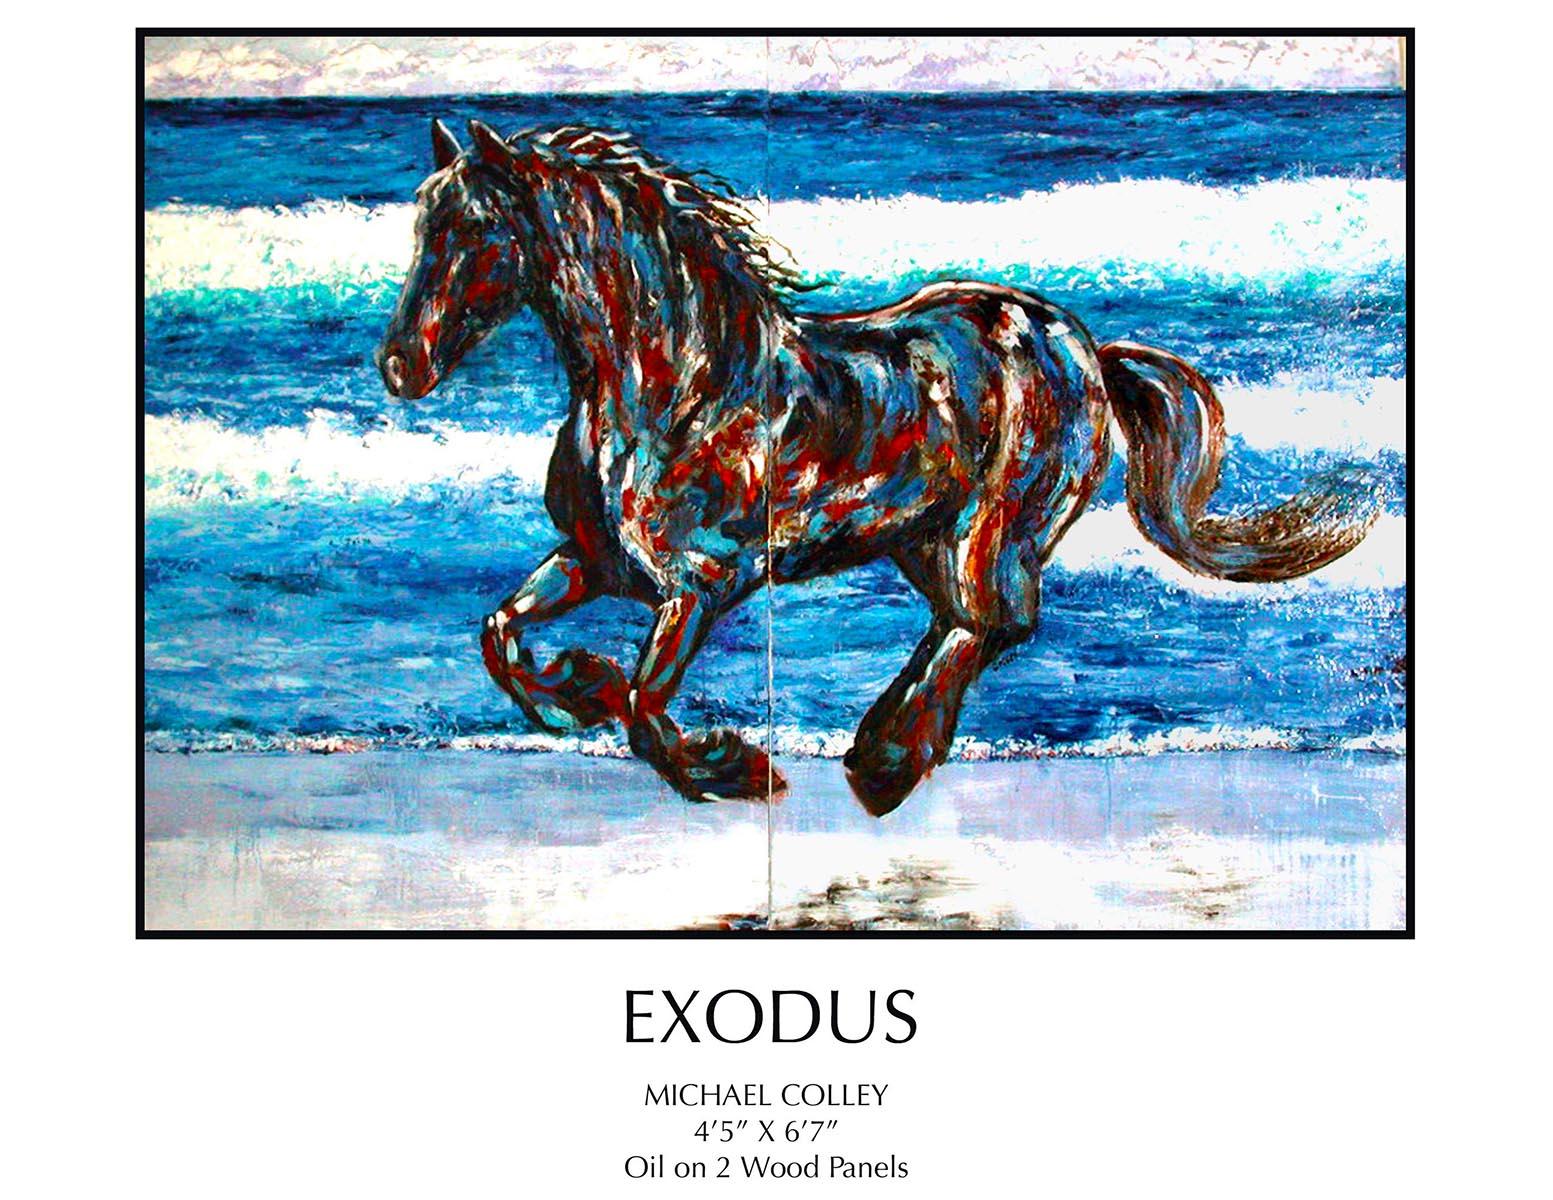 EXODUS $3000.00